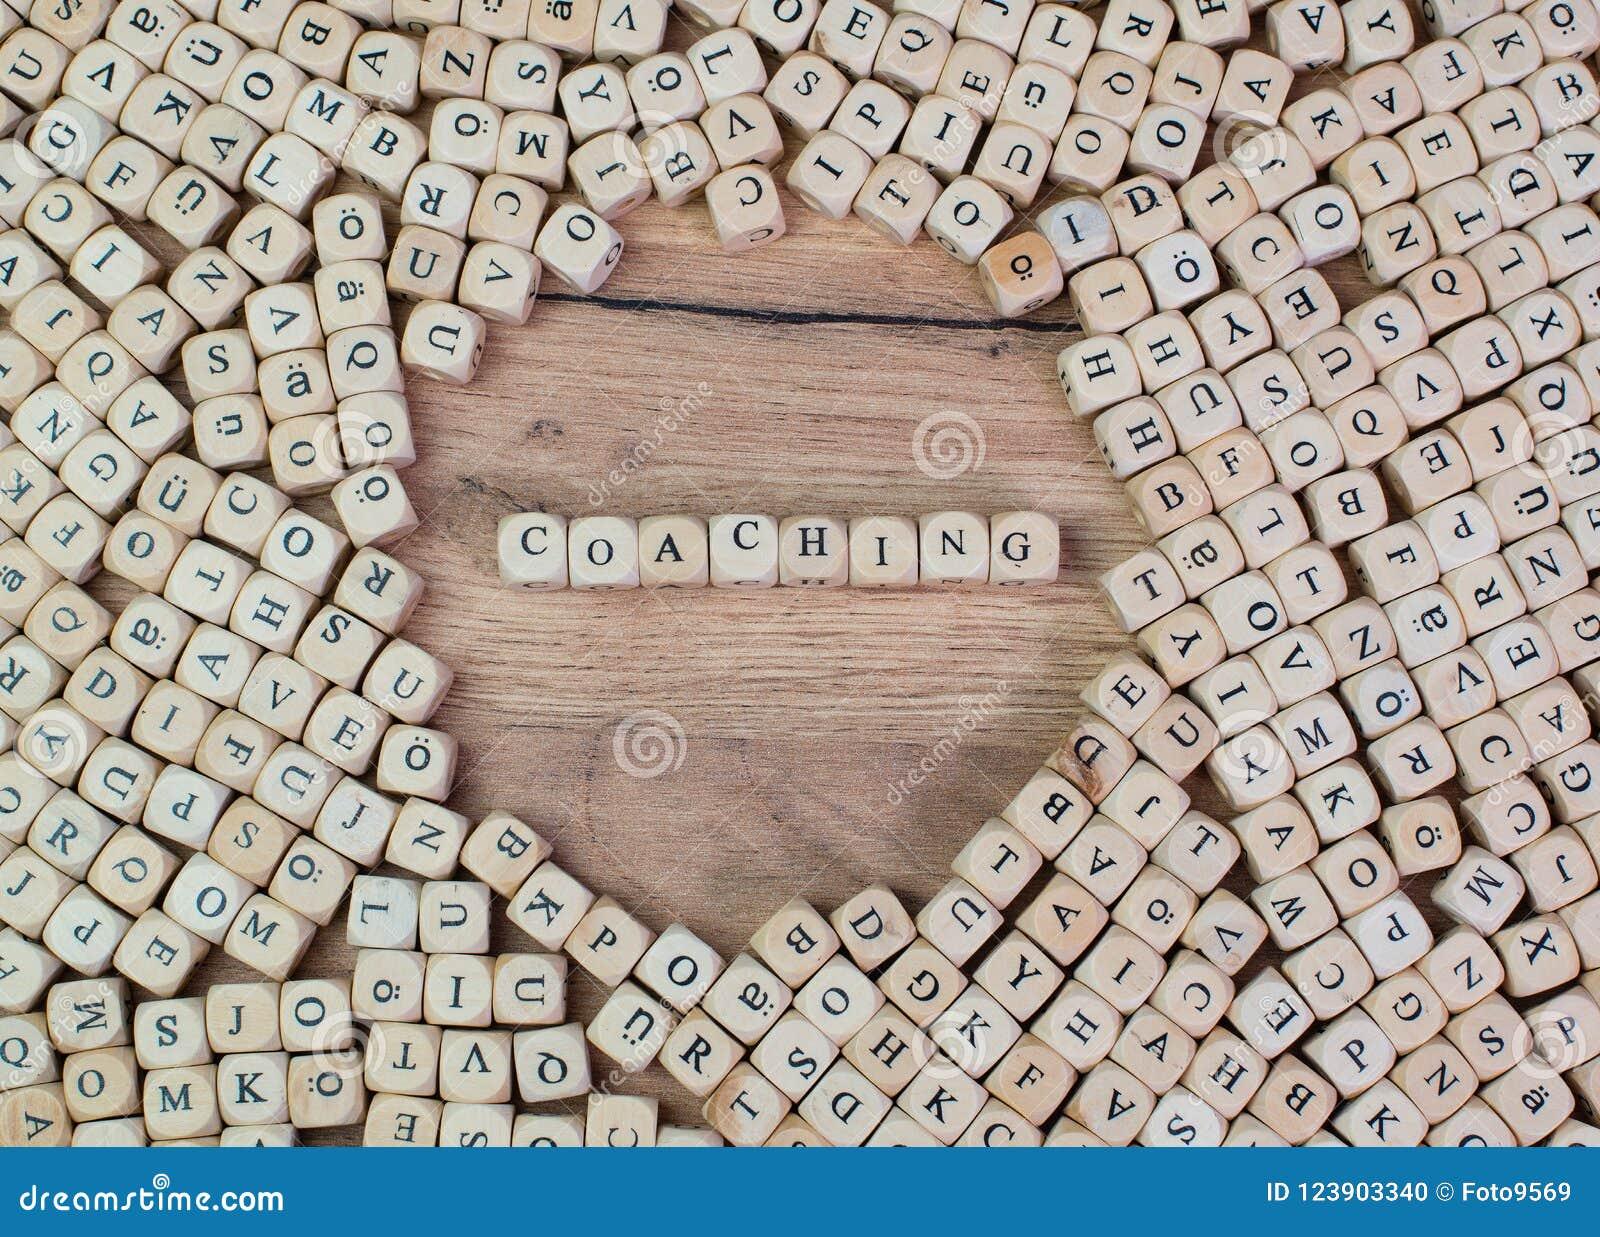 Entrenando, el texto alemán para entrenar, palabra en letras en el cubo corta en cuadritos en la tabla